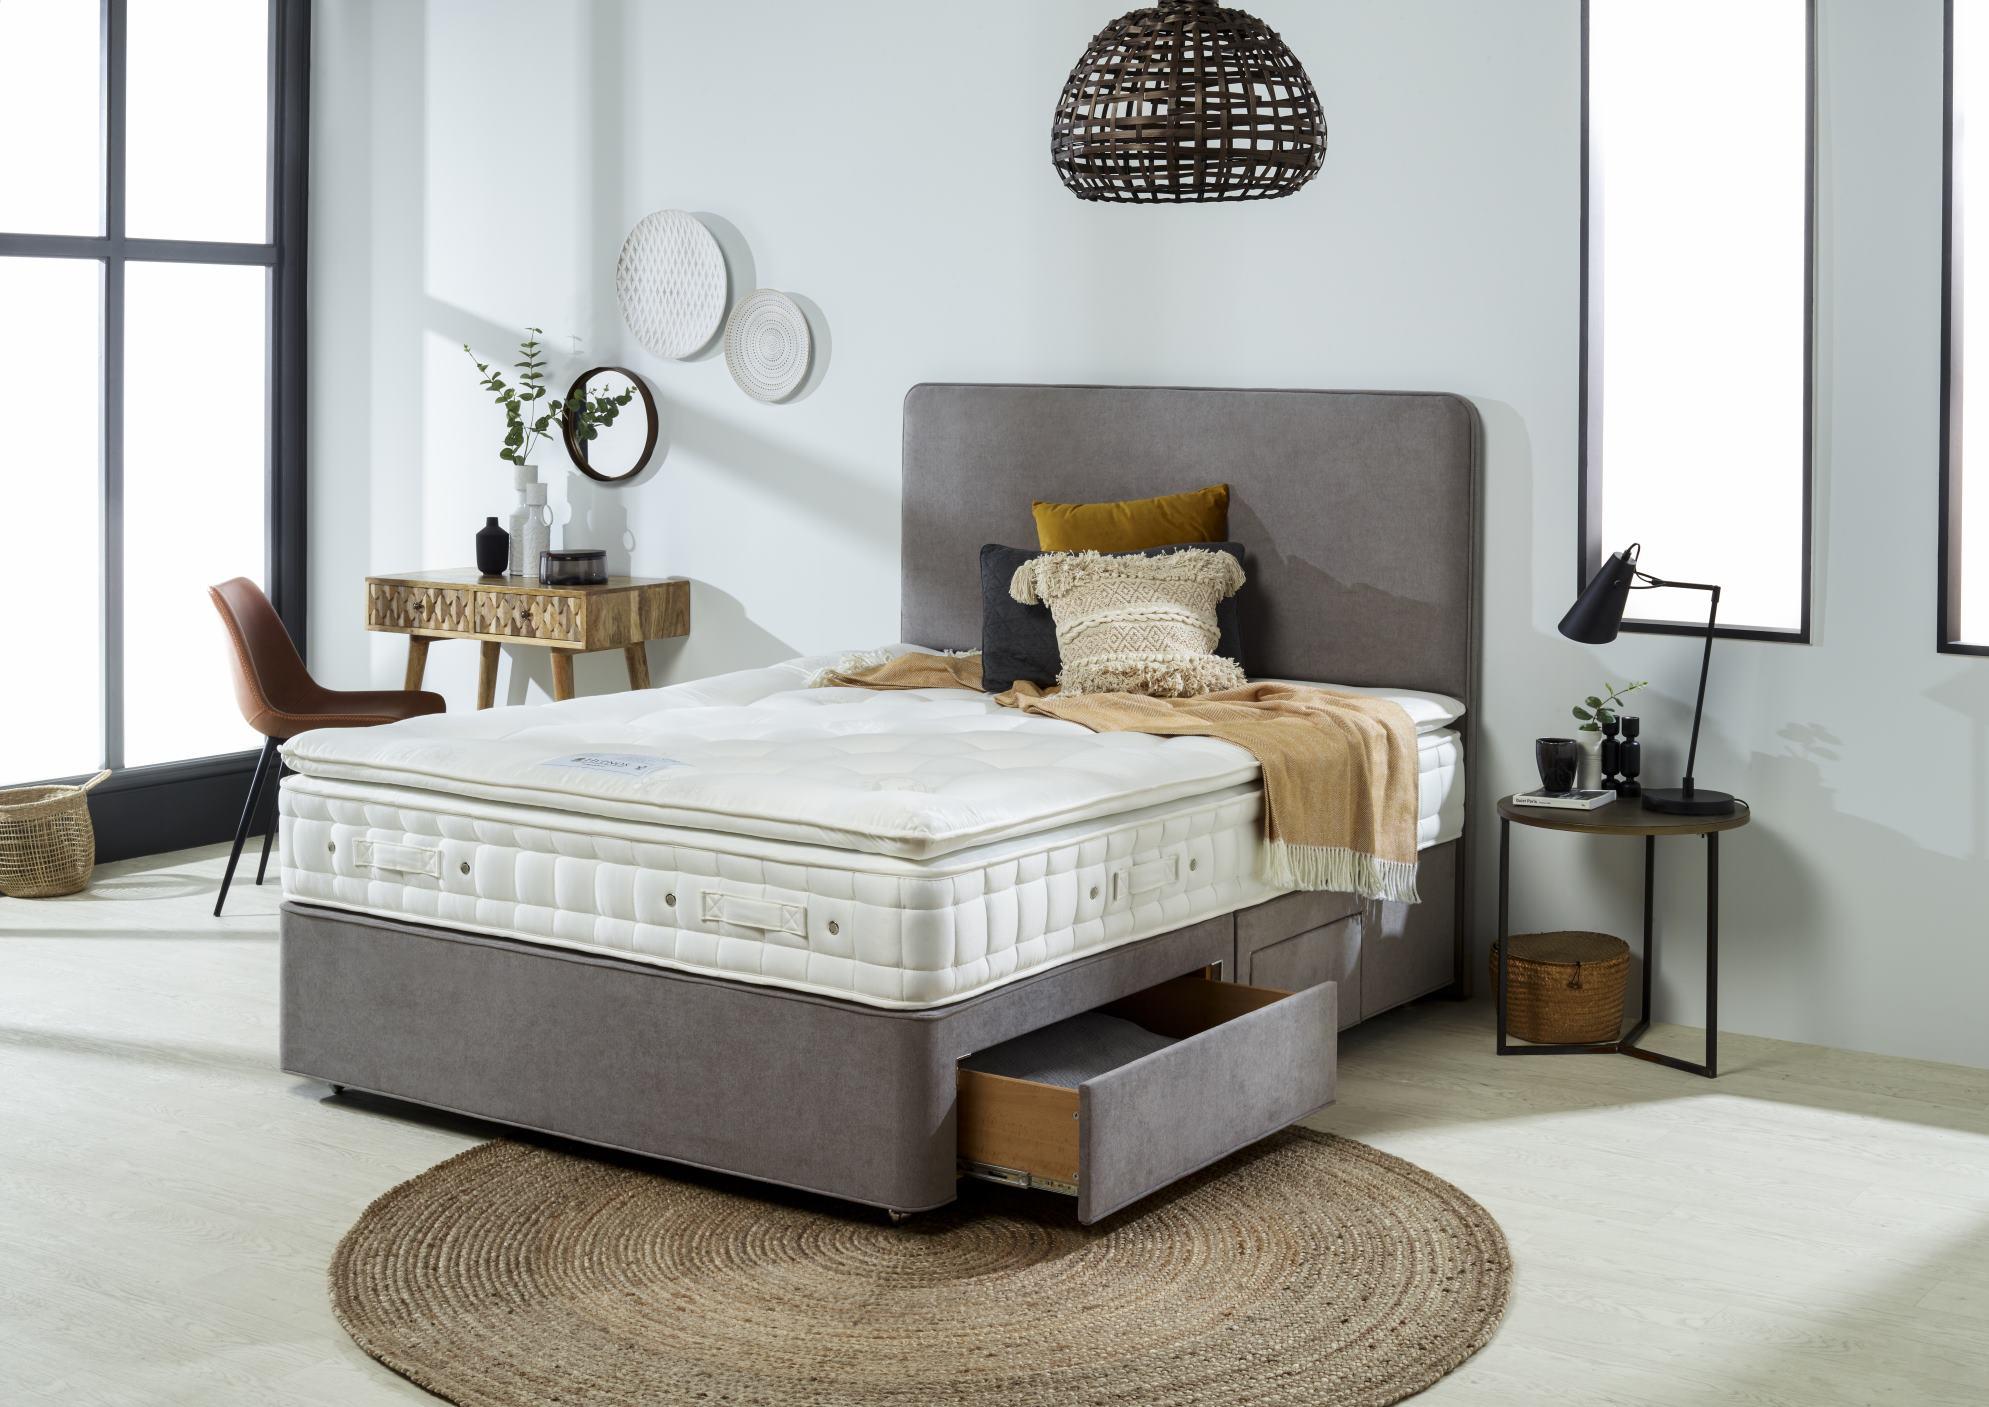 Hypnos Andante Pillowtop Mattress